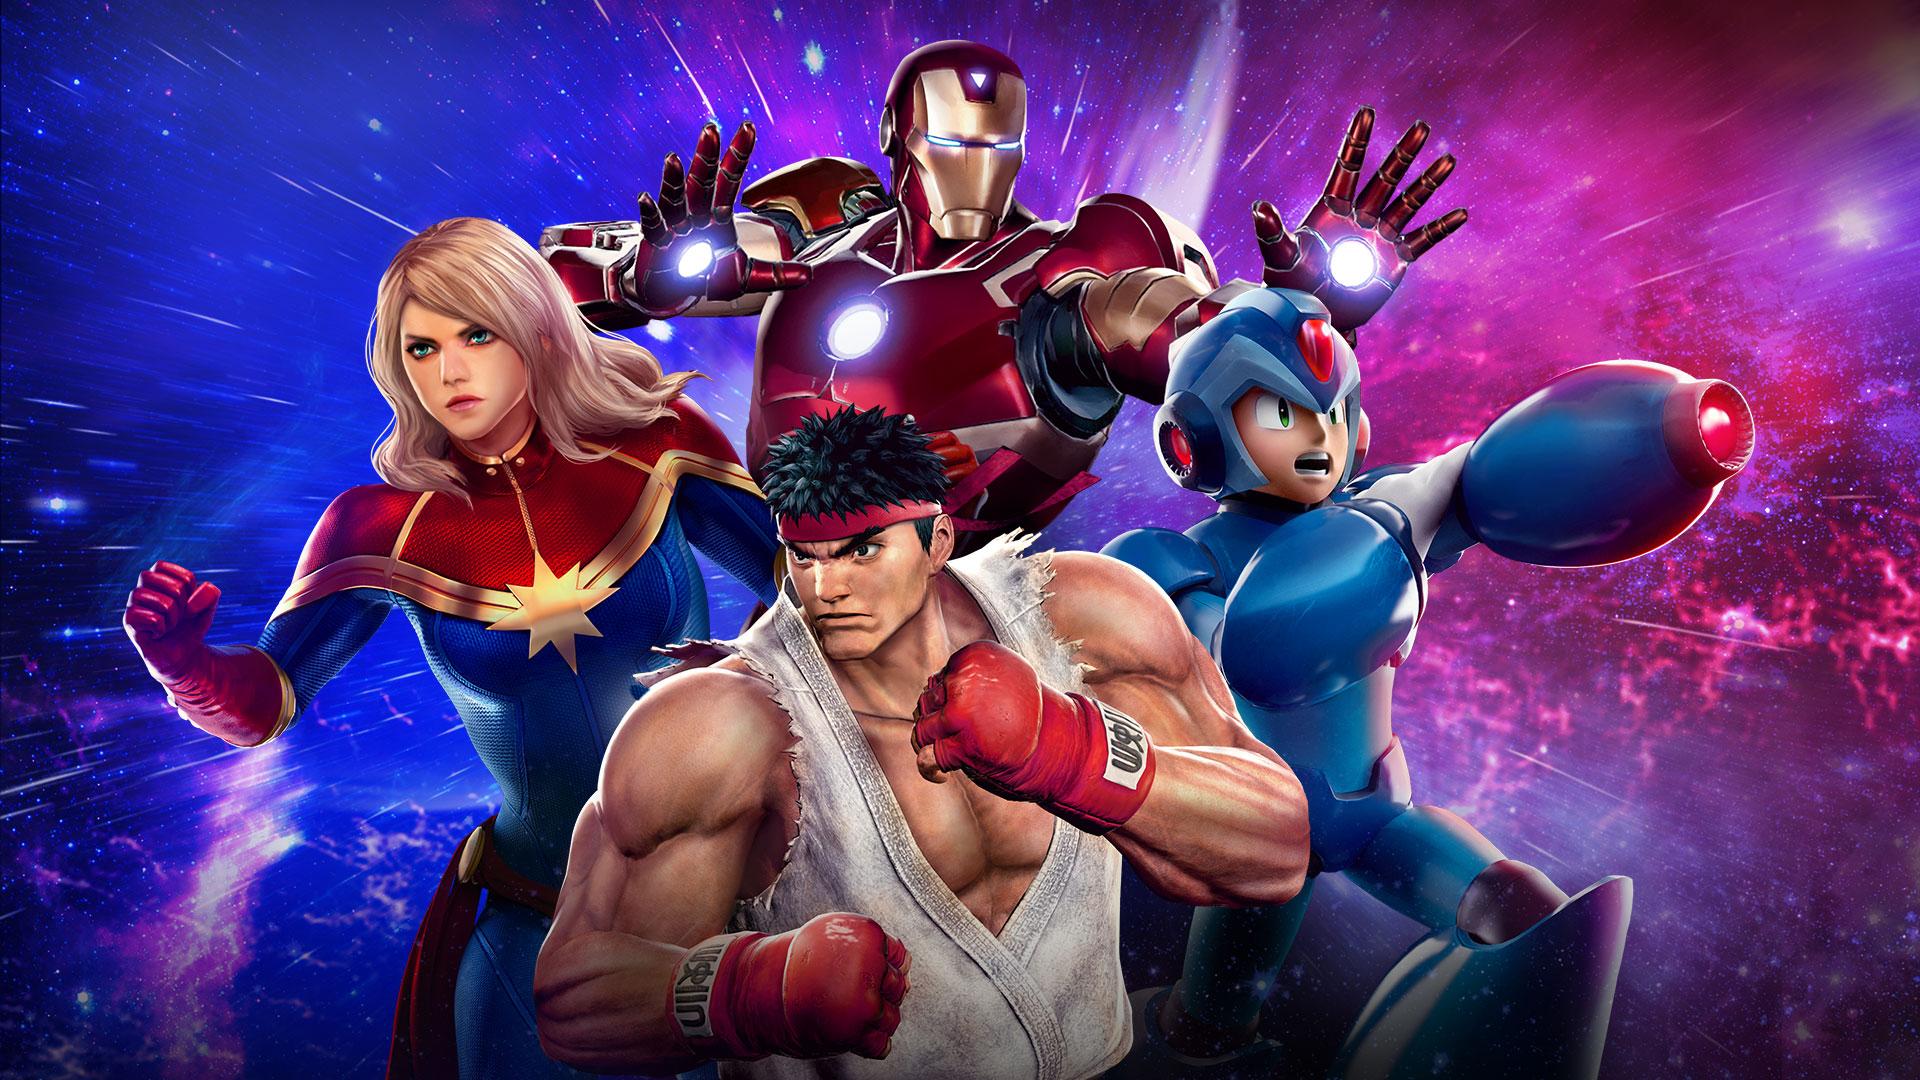 Image result for Marvel vs capcom infinite 1920x1080